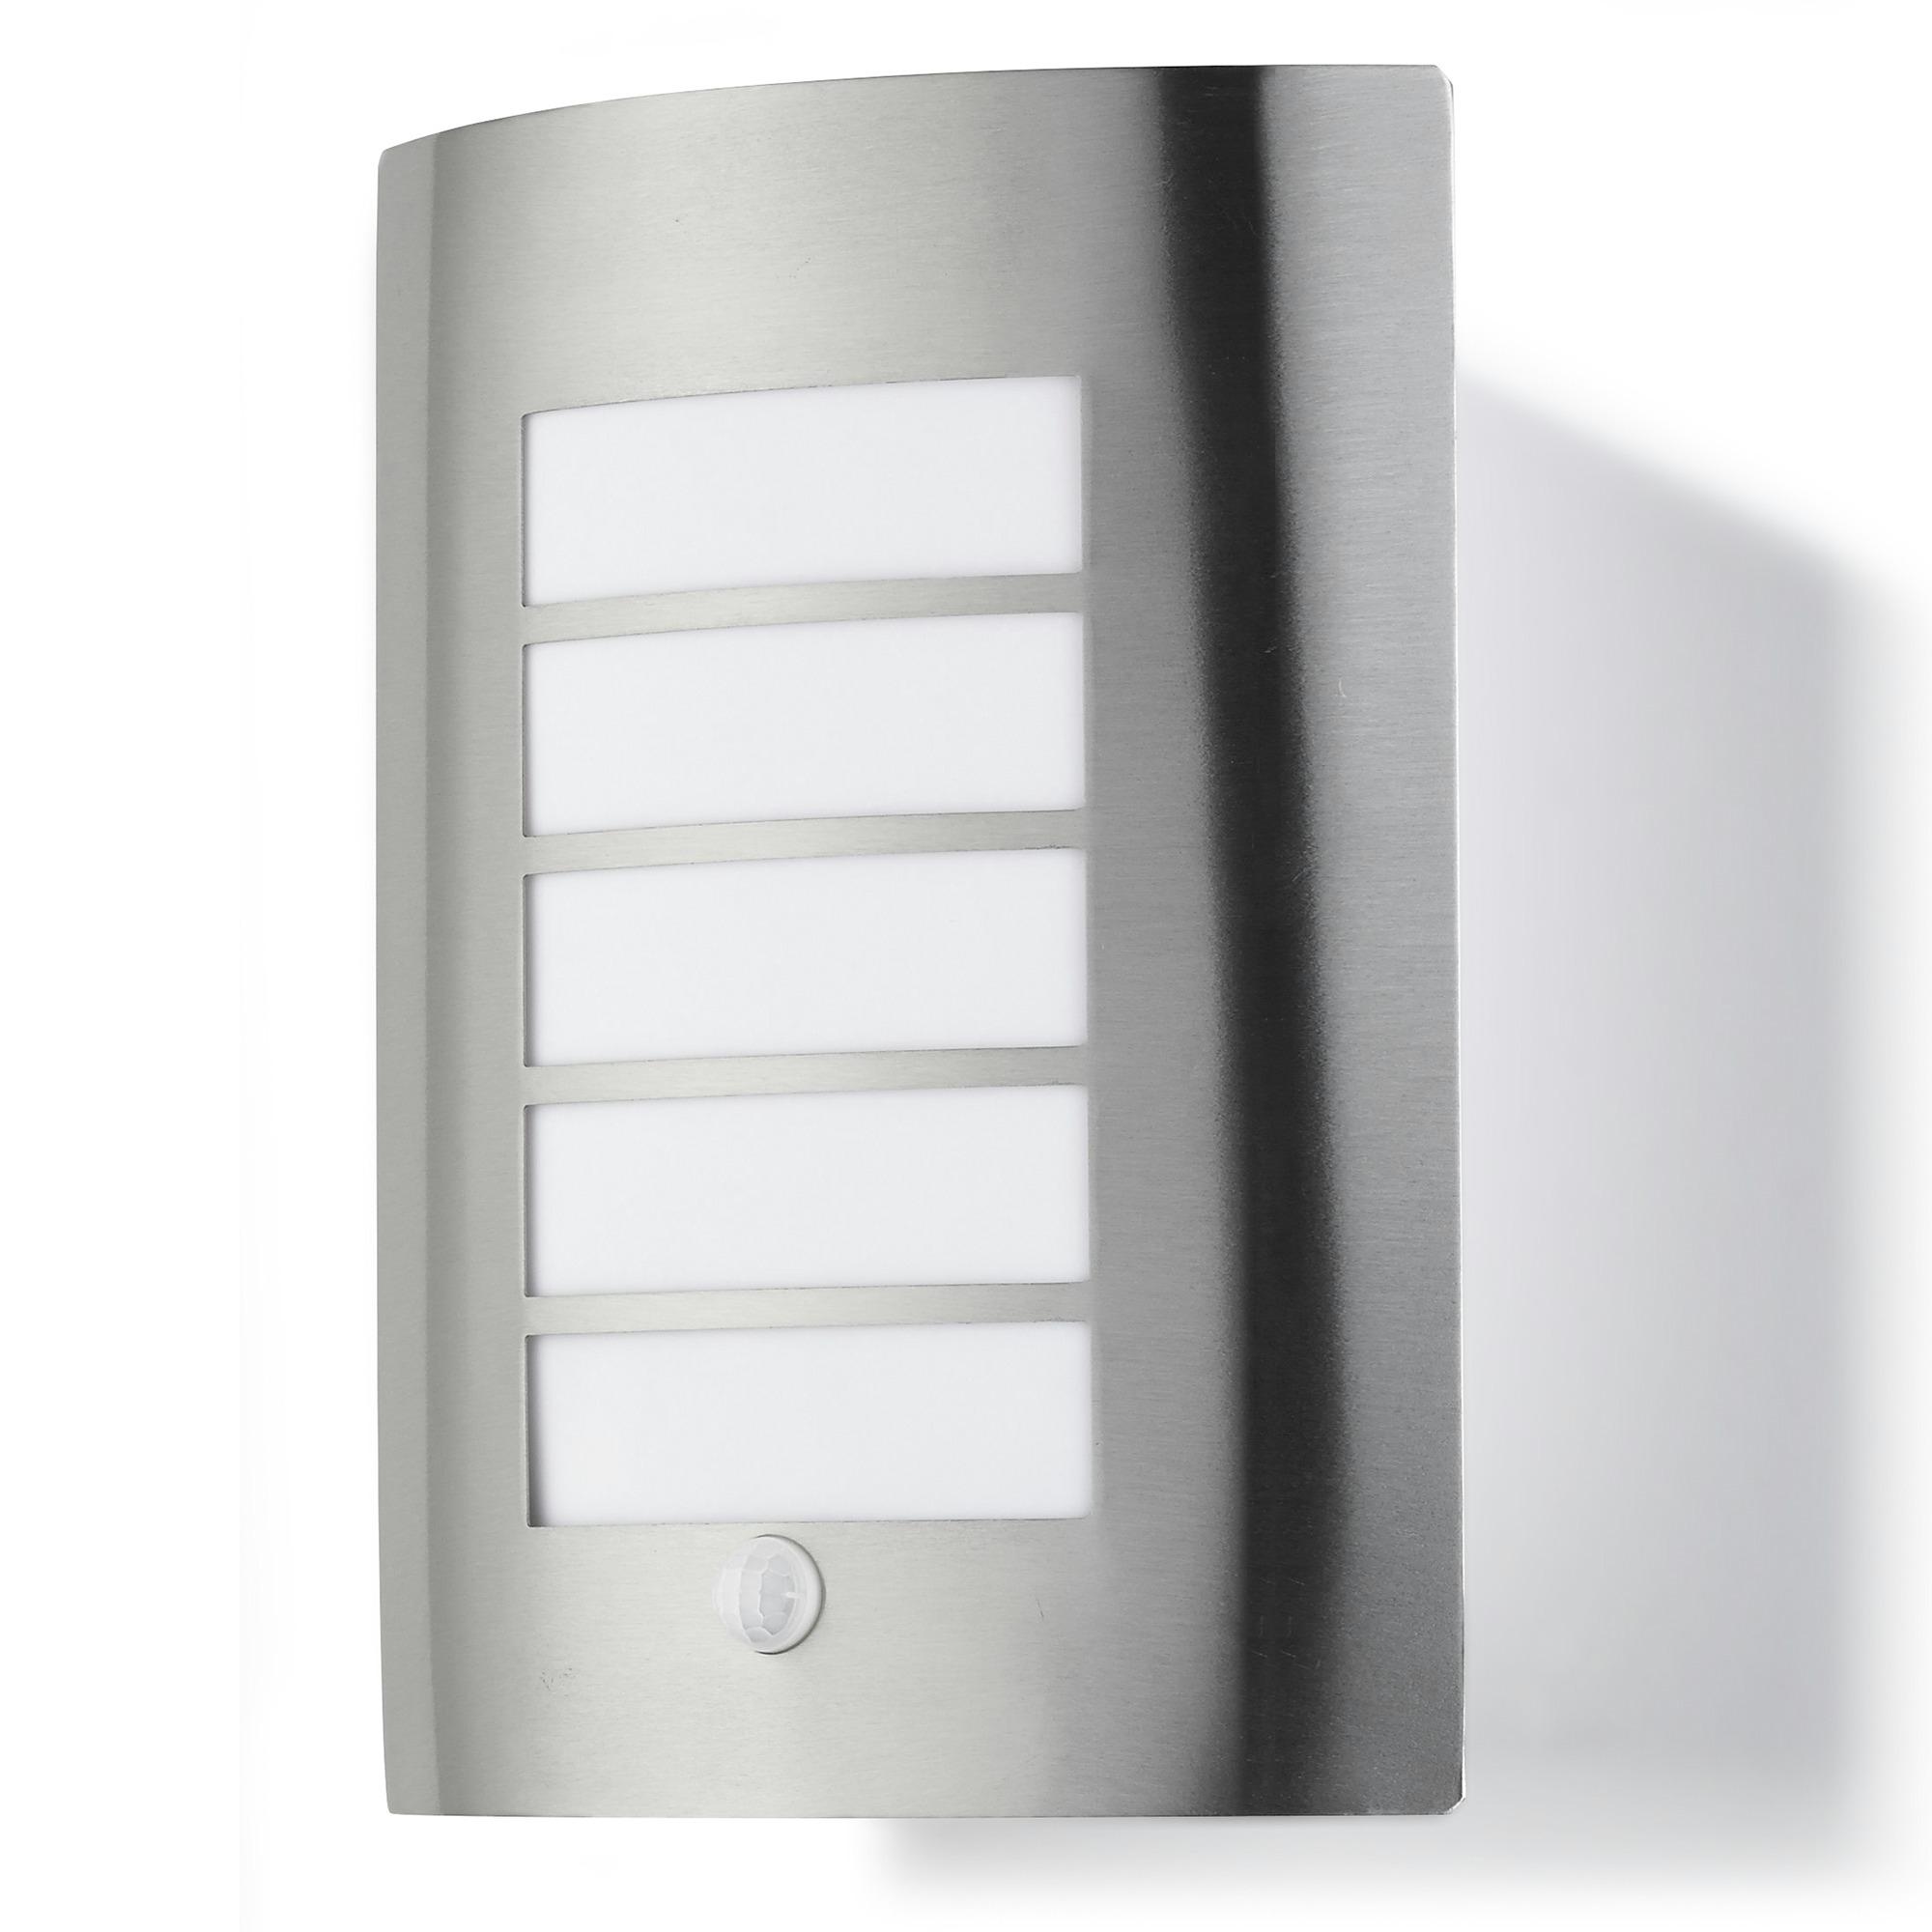 GAMMA buitenlamp Swansea RVS met bewegingssensor